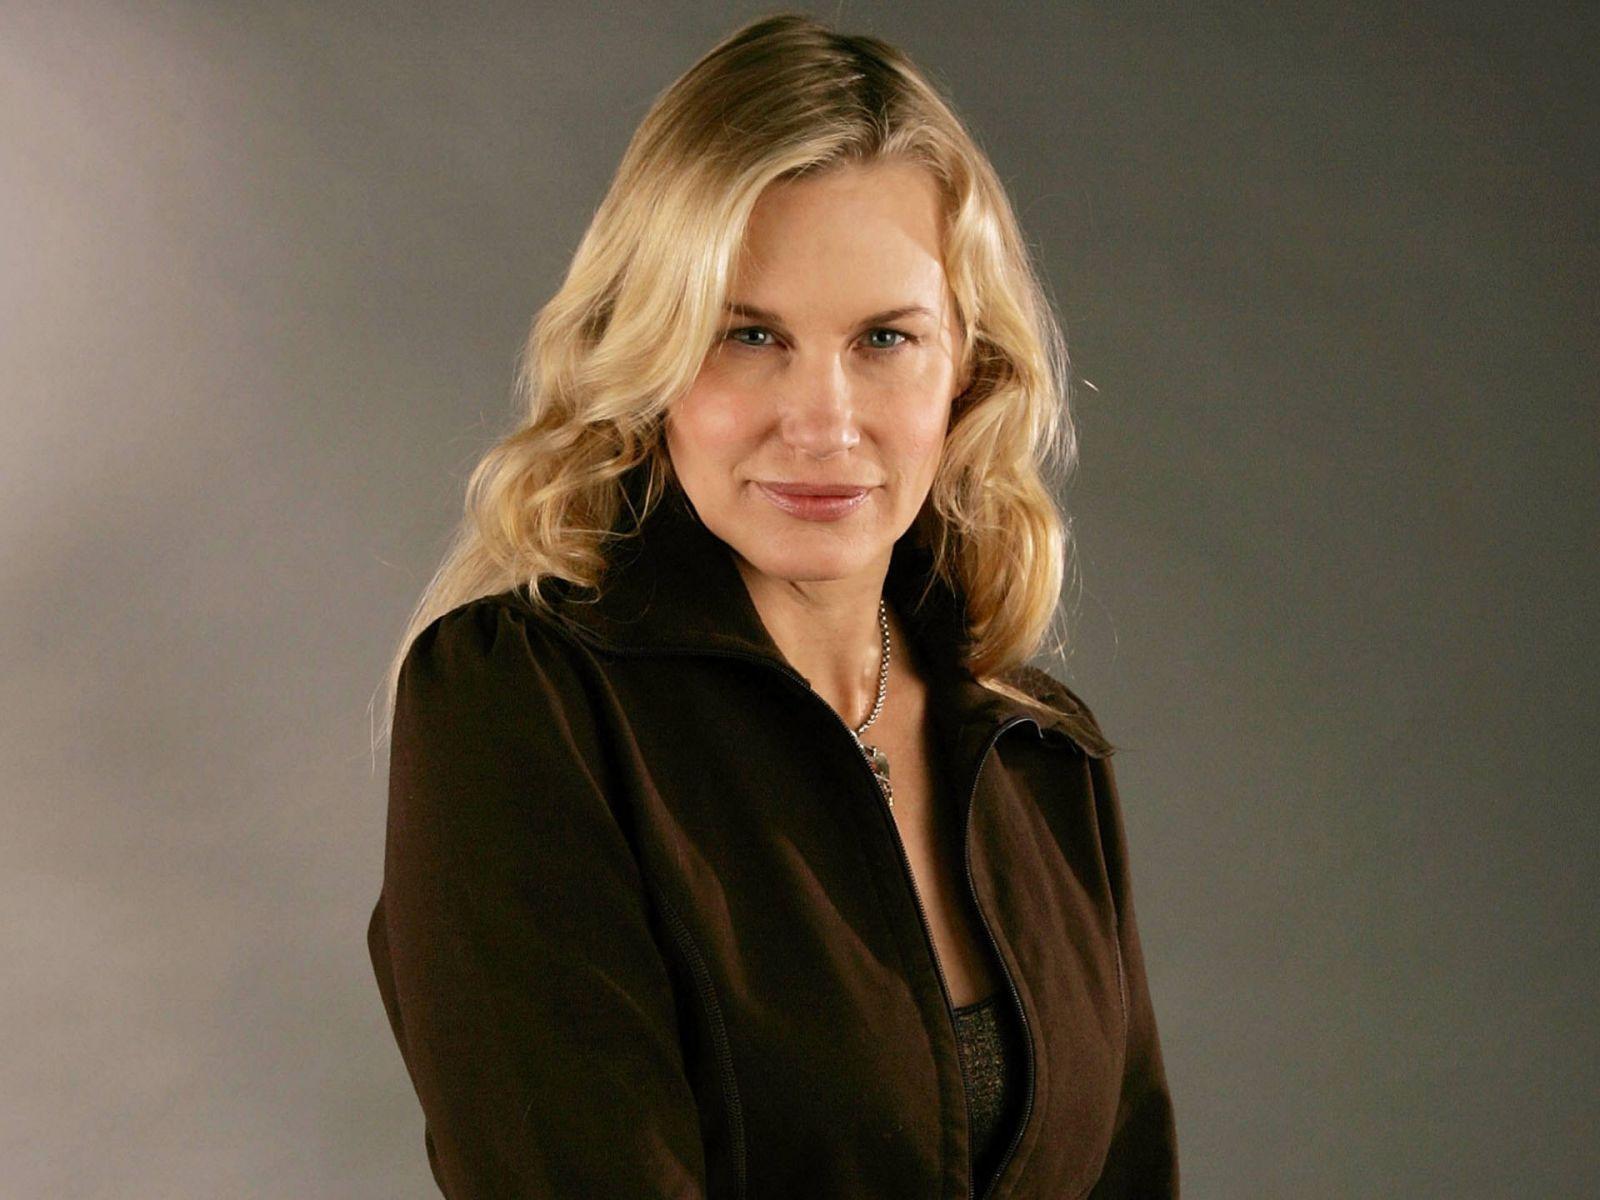 Daryl Hannah est une actrice américaine née le 3 décembre 1960 à Chicago en Illinois Elle est surtout connue pour son rôle de Madison la sirène de Splash